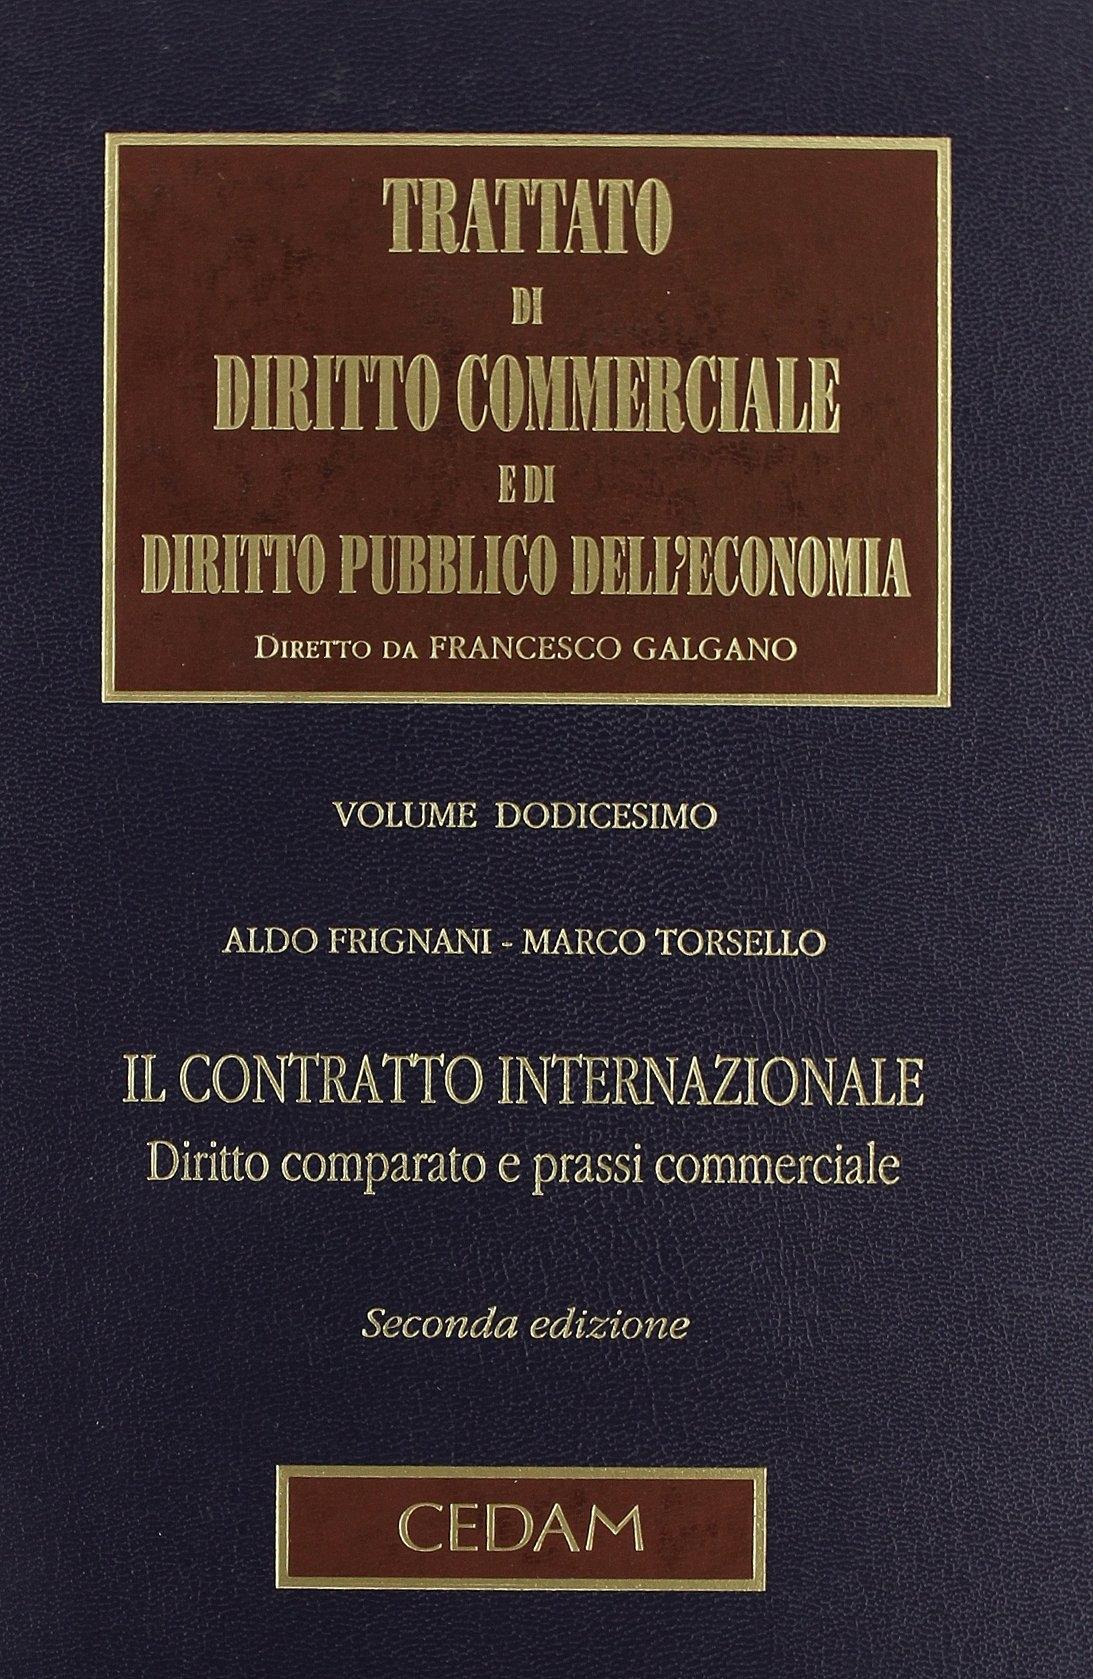 Trattato di diritto commerciale e di diritto pubblico dell'economia. Vol. 12: Il contratto internazionale